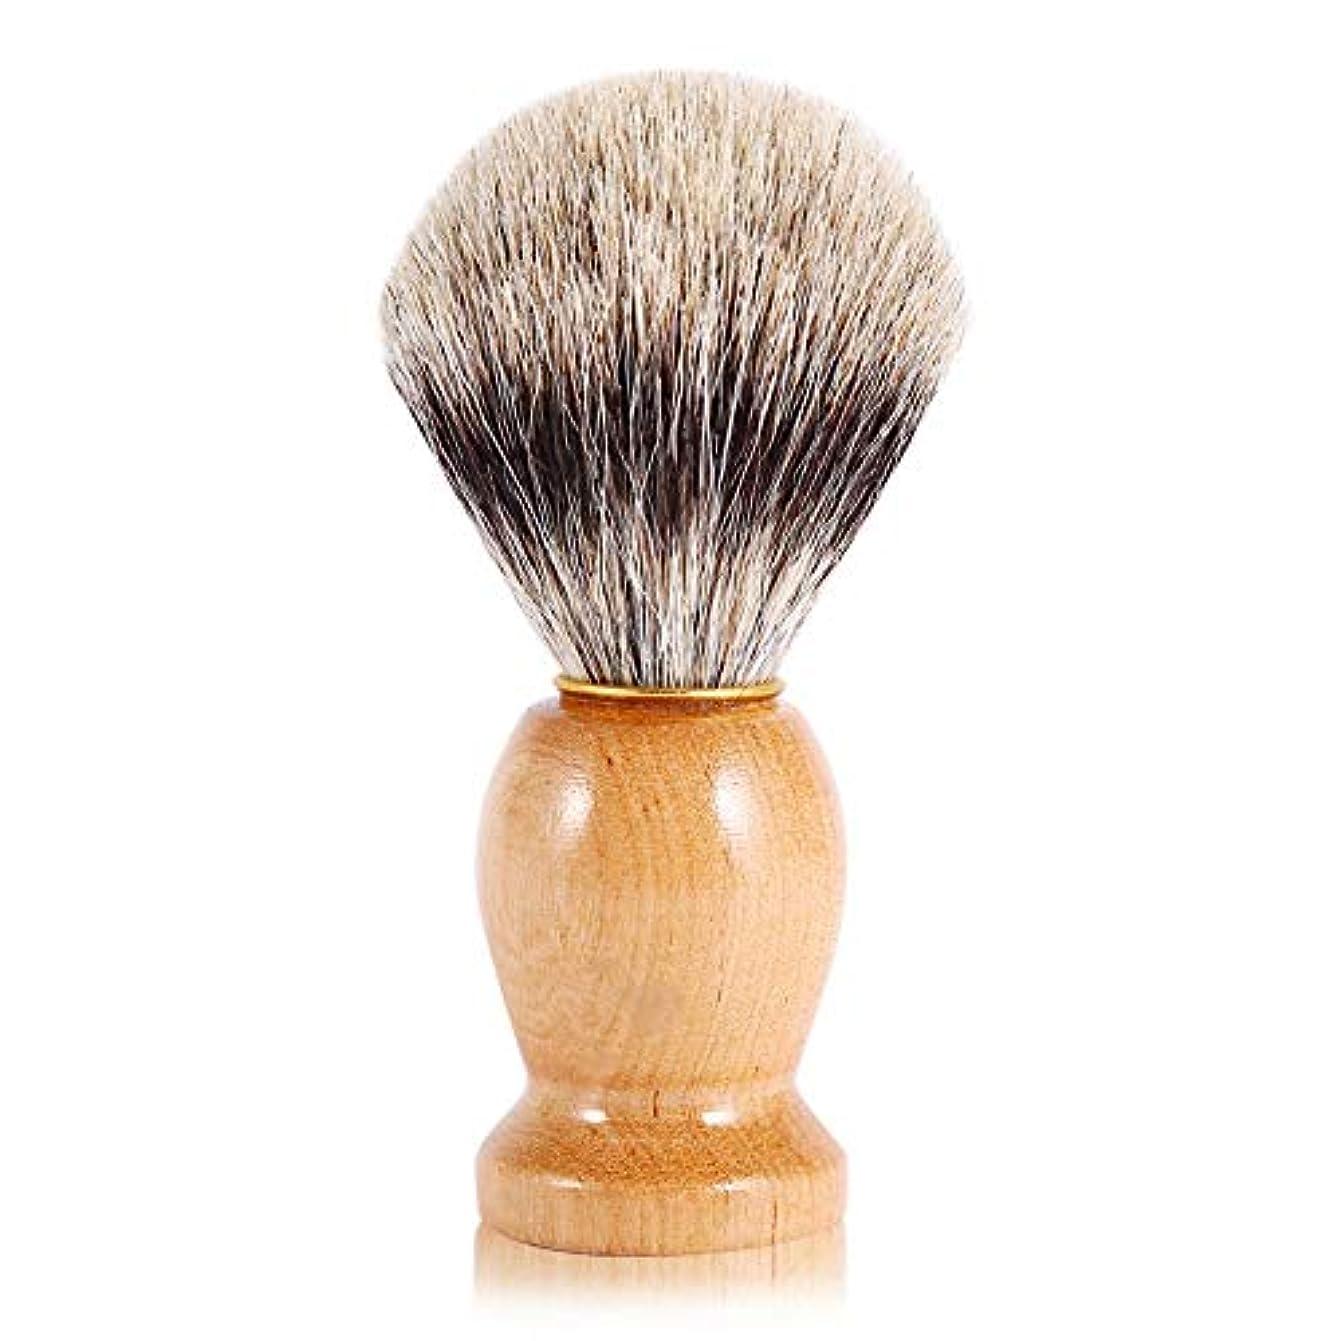 気分が悪い煙突武装解除Qinlorgo シェービングブラシ メンズ シェービングブラシ あご髭シェービングブラシ フェイシャルクリーニングブラシ バーバーサロンツール 男性用髭剃り用